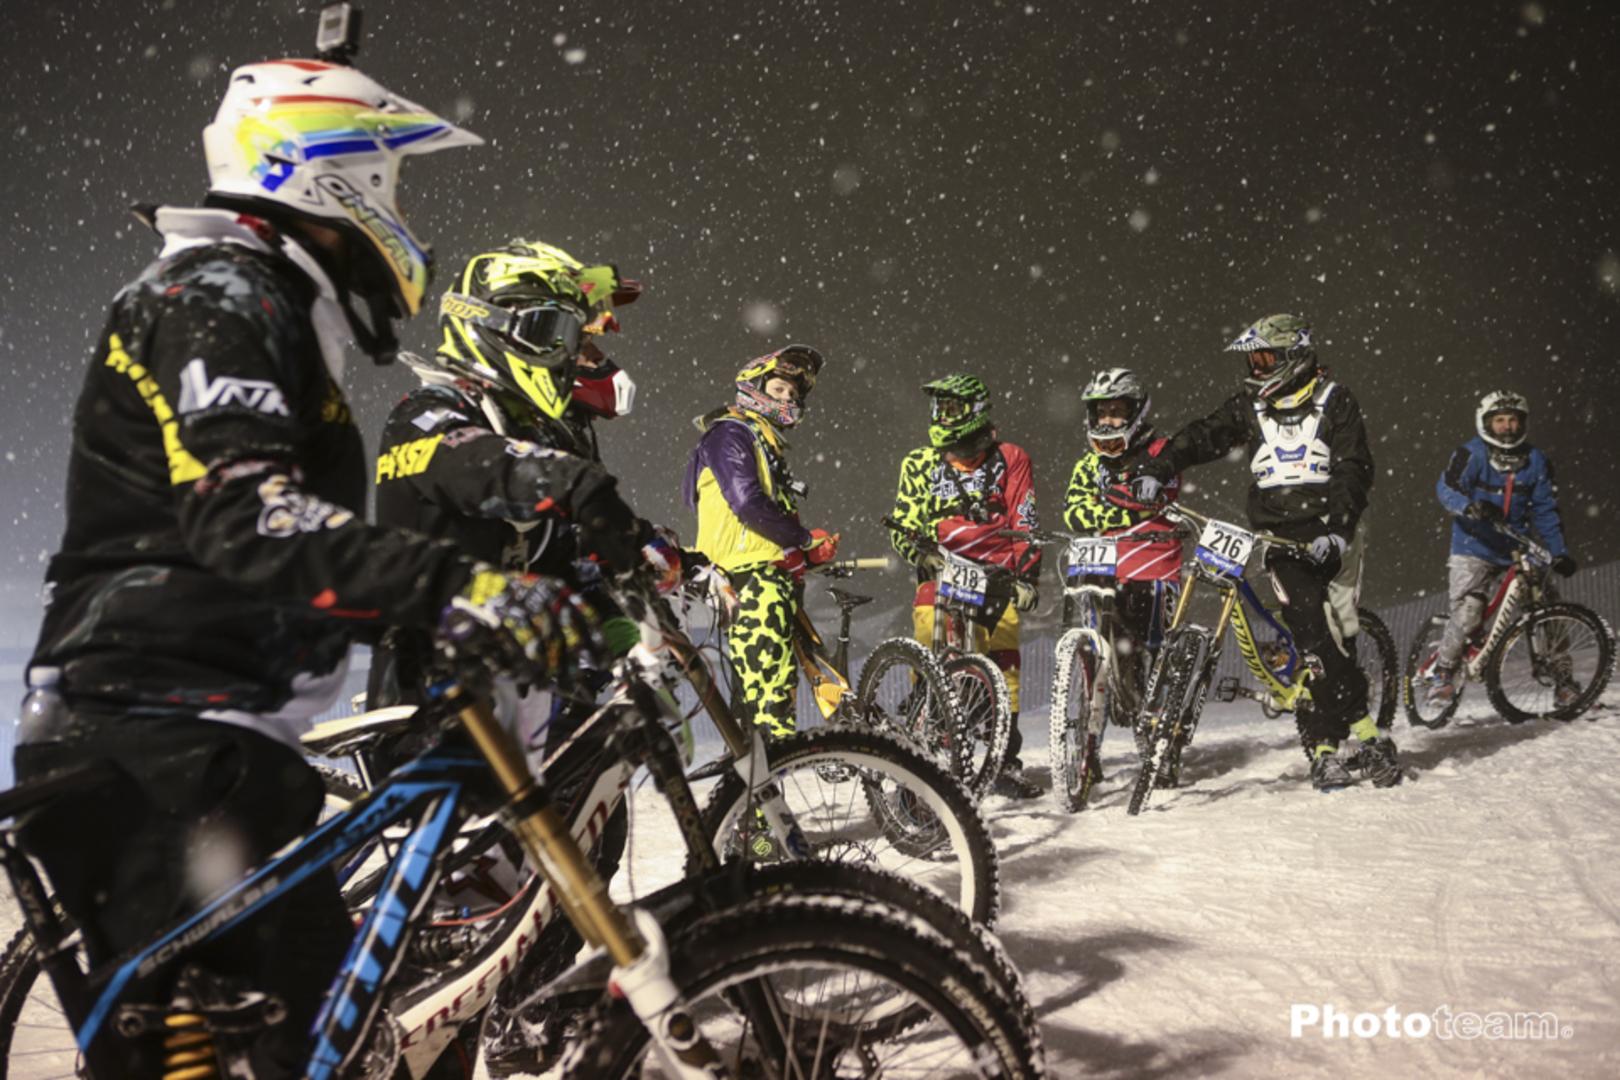 Winter Downhill 2017 Passo del Tonale